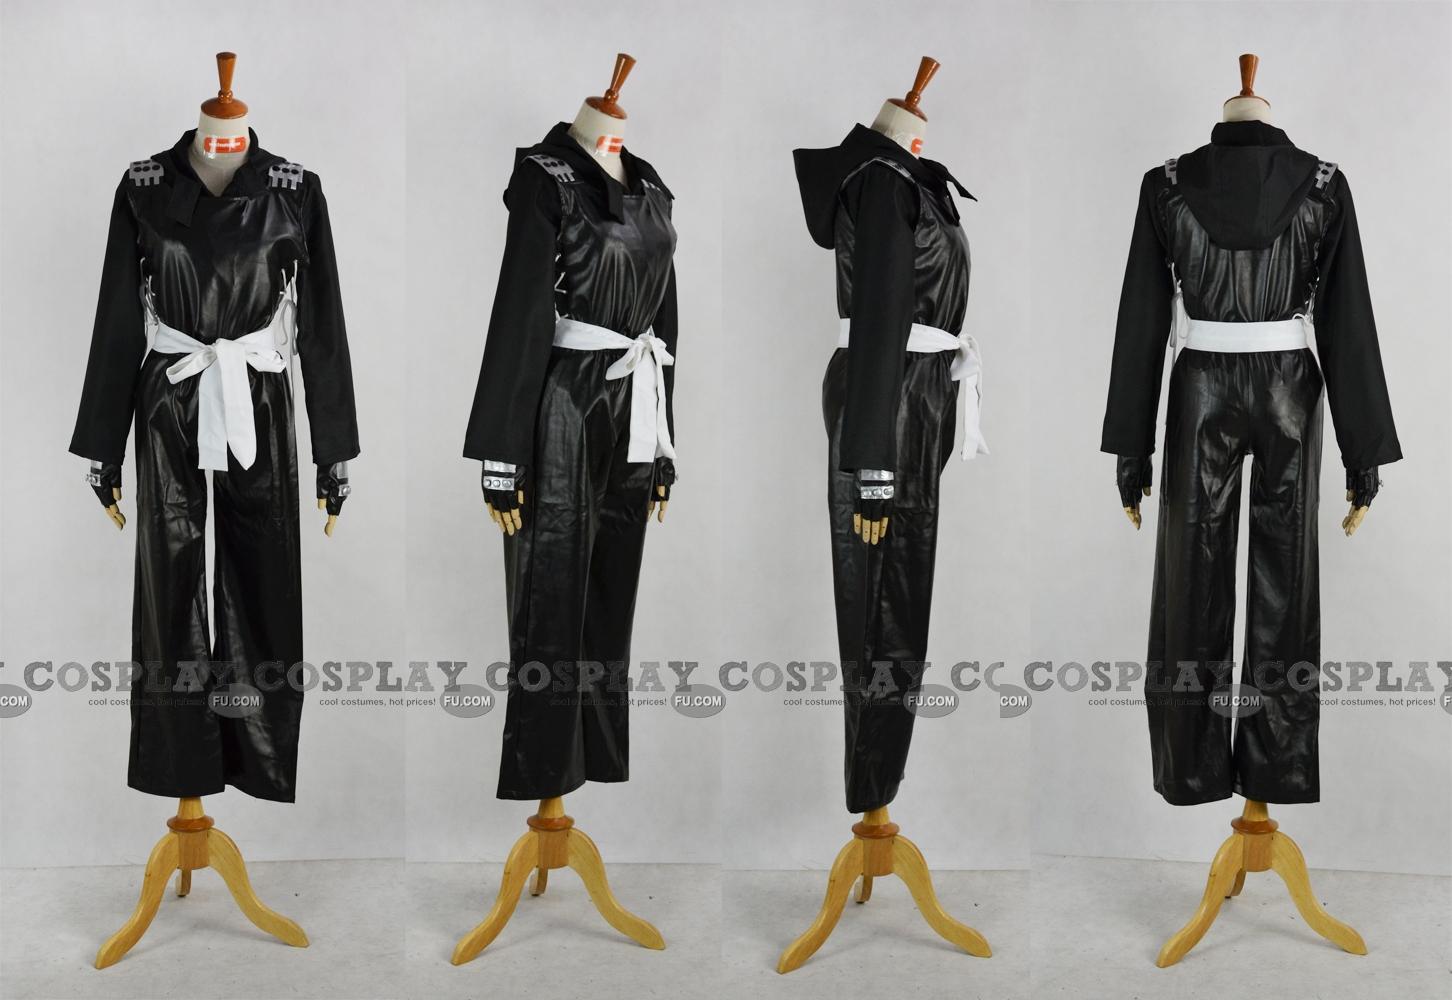 Lan Fan Cosplay Costume from Fullmetal Alchemist